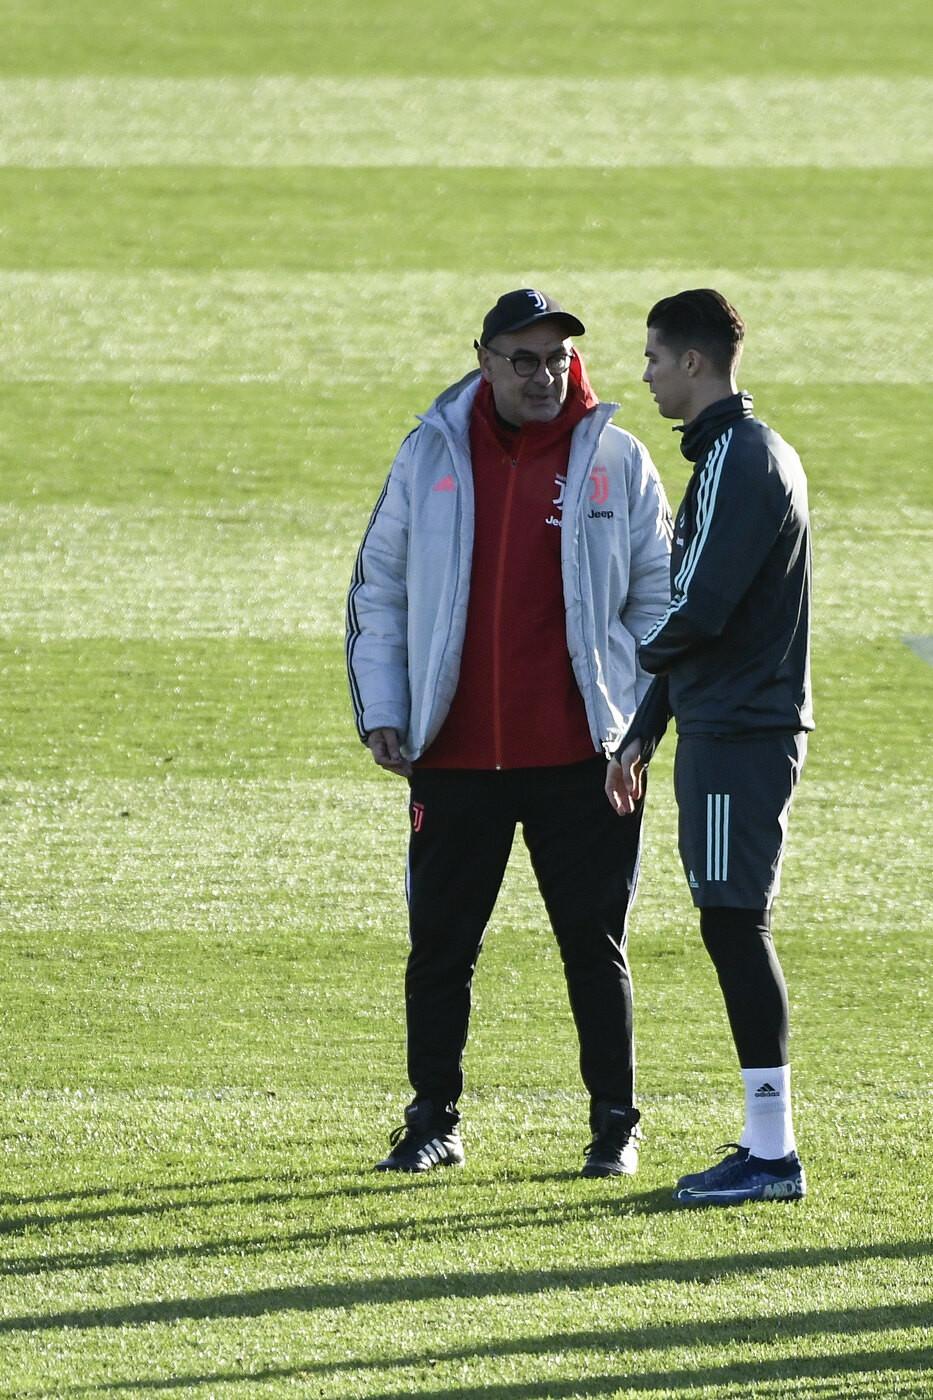 Serrato confronto in campo tra Cristiano Ronaldo e Sarri nella rifinitura in vista della partita di Champions contro l'Atletico Madrid.